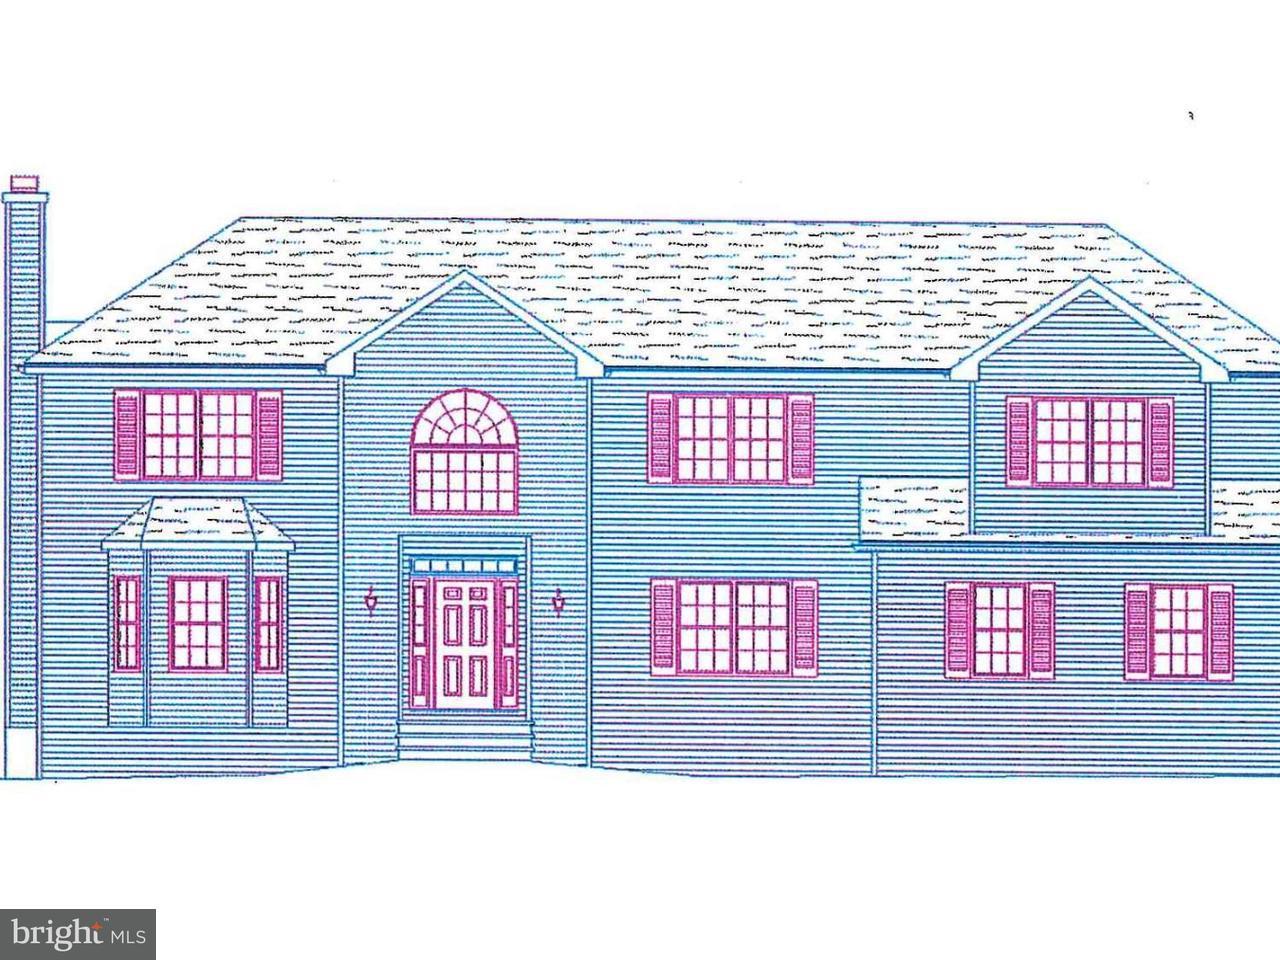 Частный односемейный дом для того Продажа на 6C SIENNA CT #1 Robbinsville, Нью-Джерси 08691 Соединенные ШтатыВ/Около: Robbinsville Township